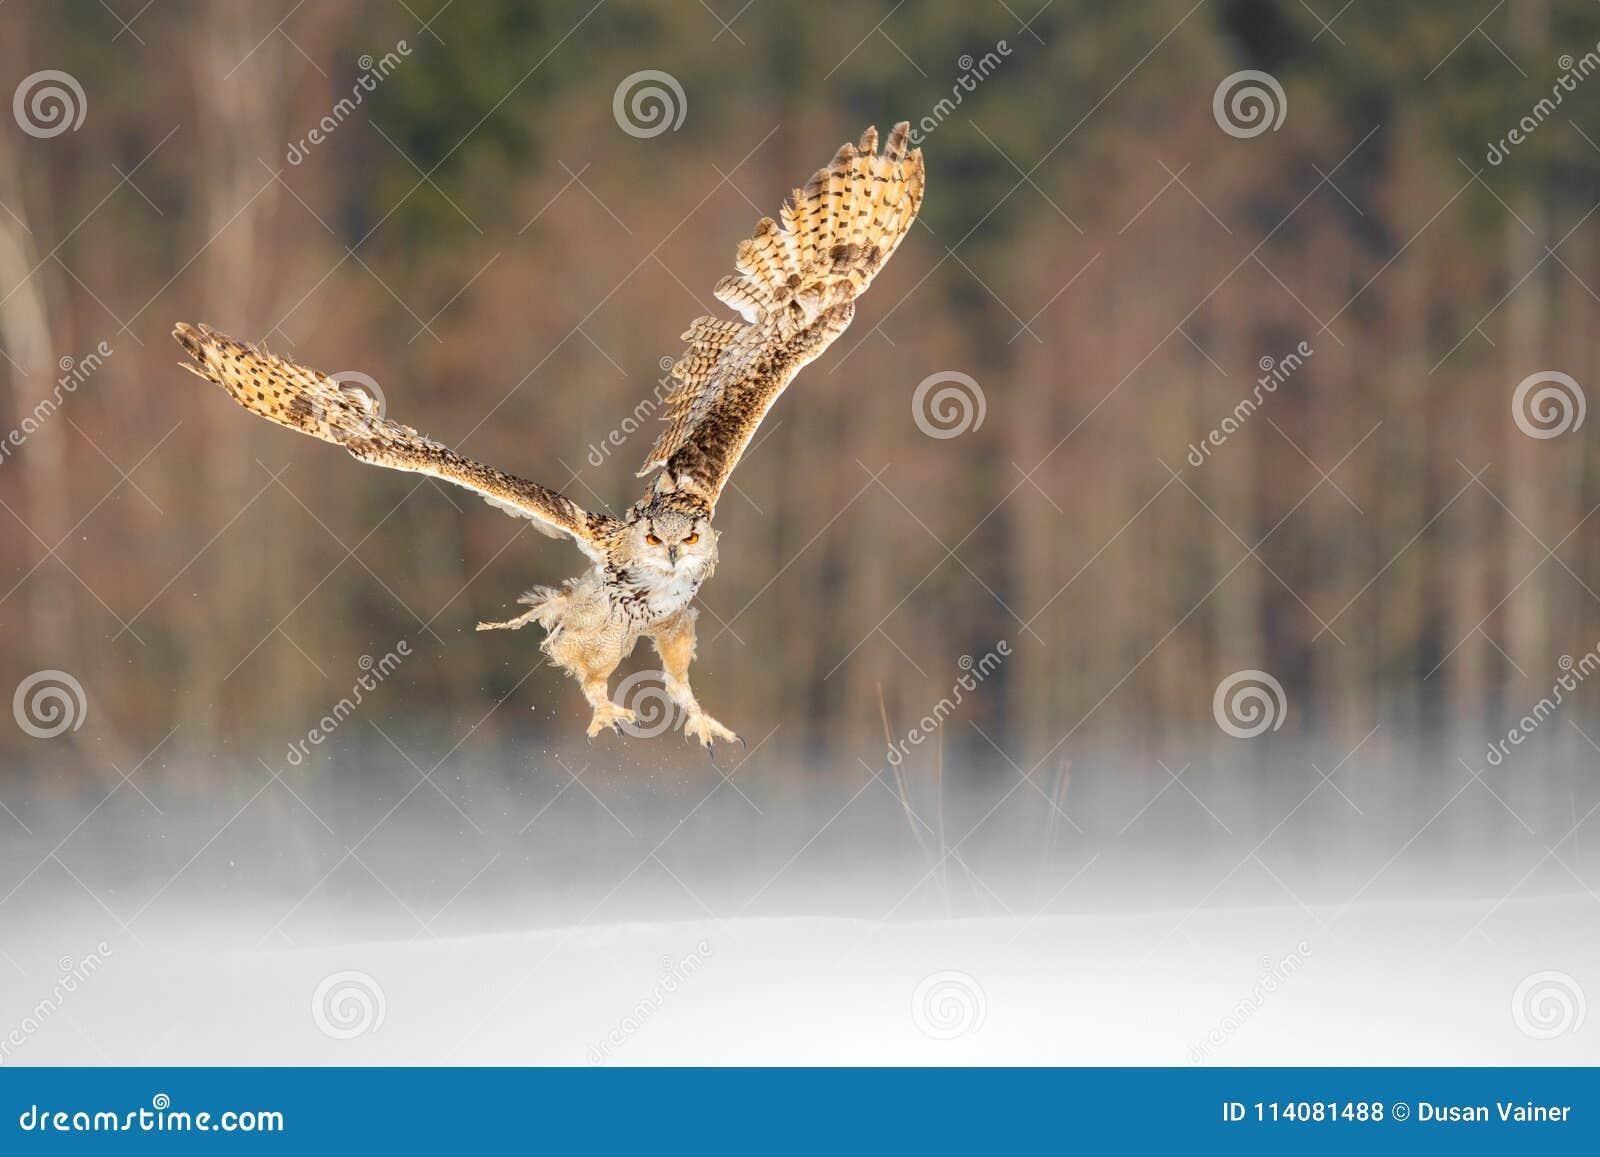 Ostsibirier-Eagle Owl-Fliegen im Winter Schöne Eule von Russland, das über schneebedecktes Feld fliegt Winterszene mit majestätis